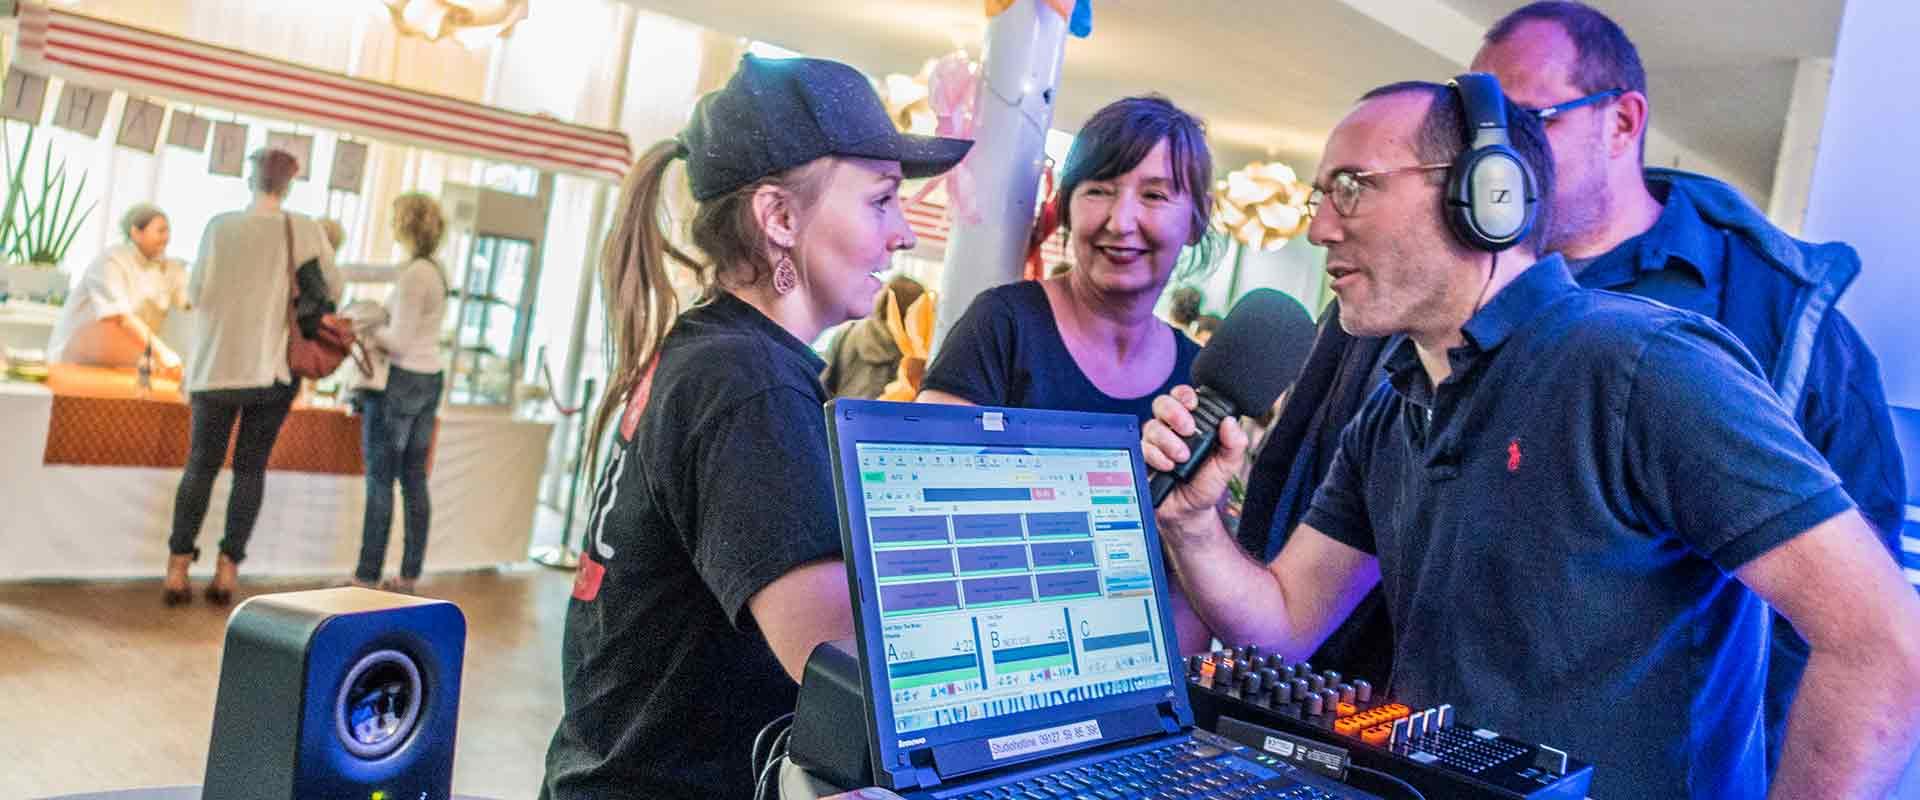 """KochblogRadio LIVE zusammen mit """"Nürnberg und so"""""""